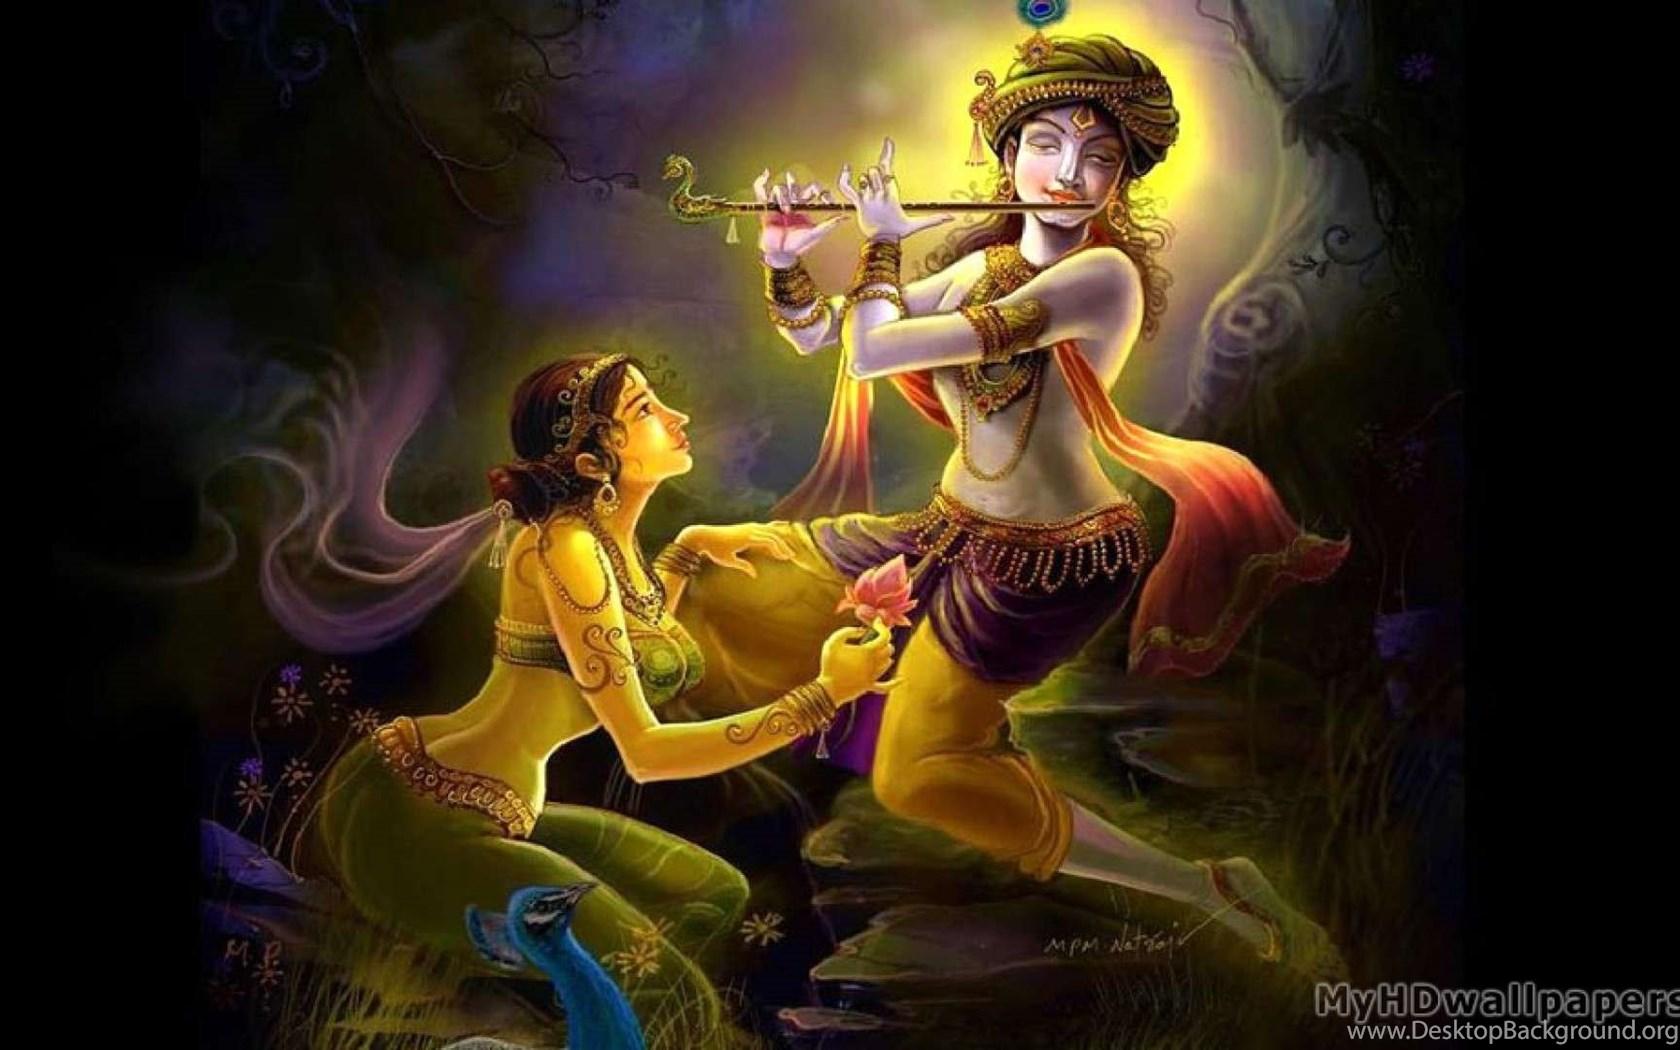 Radha Krishna Love Hd Wallpapers Danasrhp Top Desktop